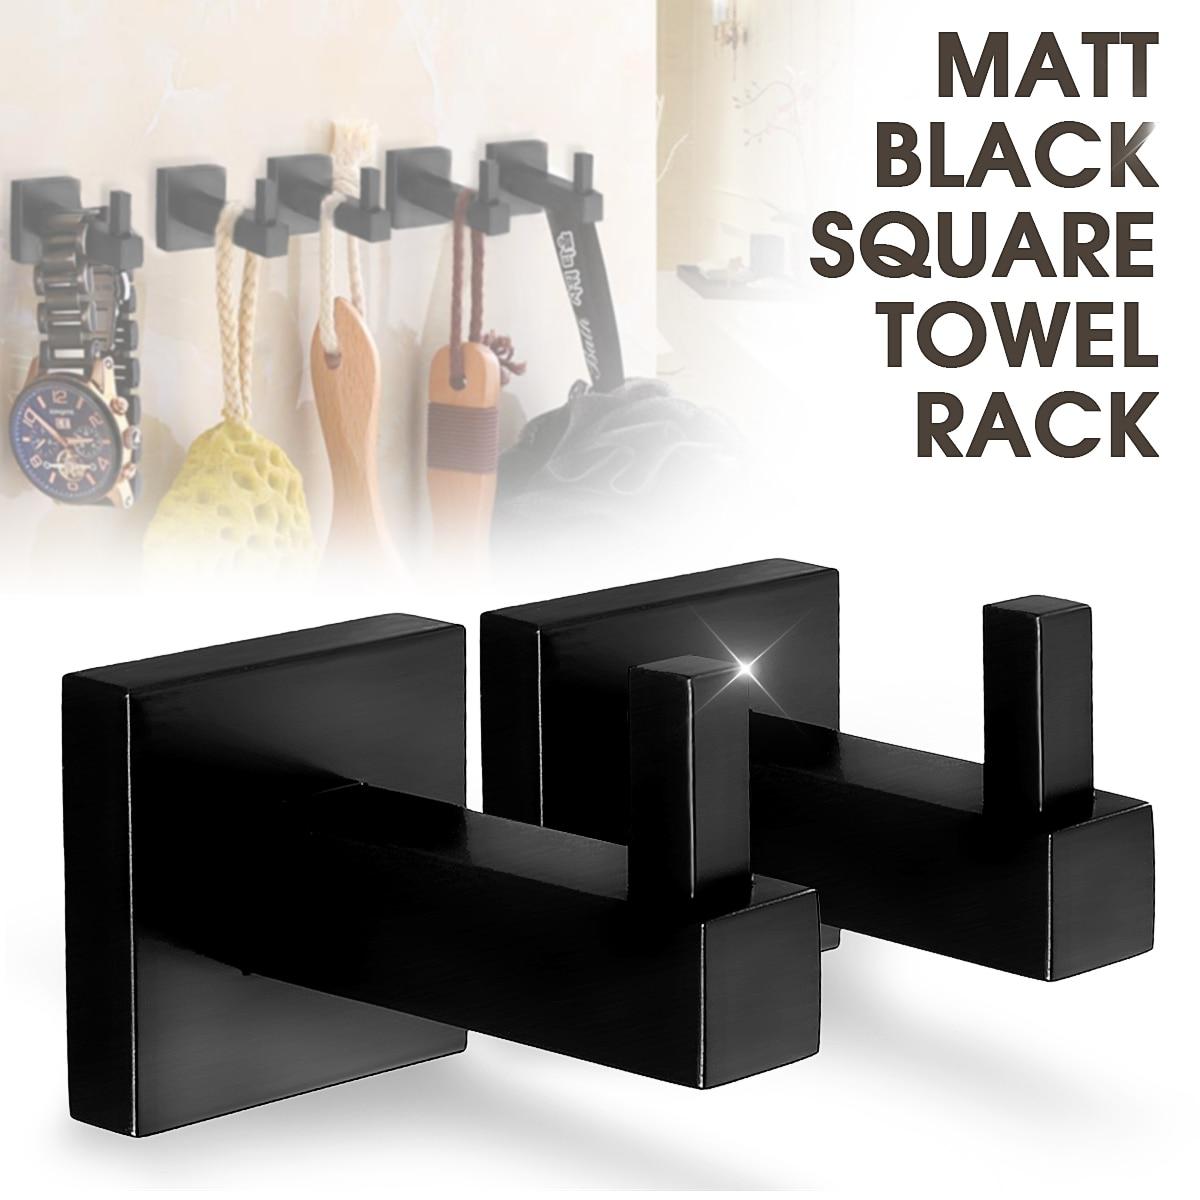 Matte Black Stainless Steel Square Towel Rack Wall Mounted Holder Rail Tissue Roll Toilet Brush Holder Robe Hook Bathroom